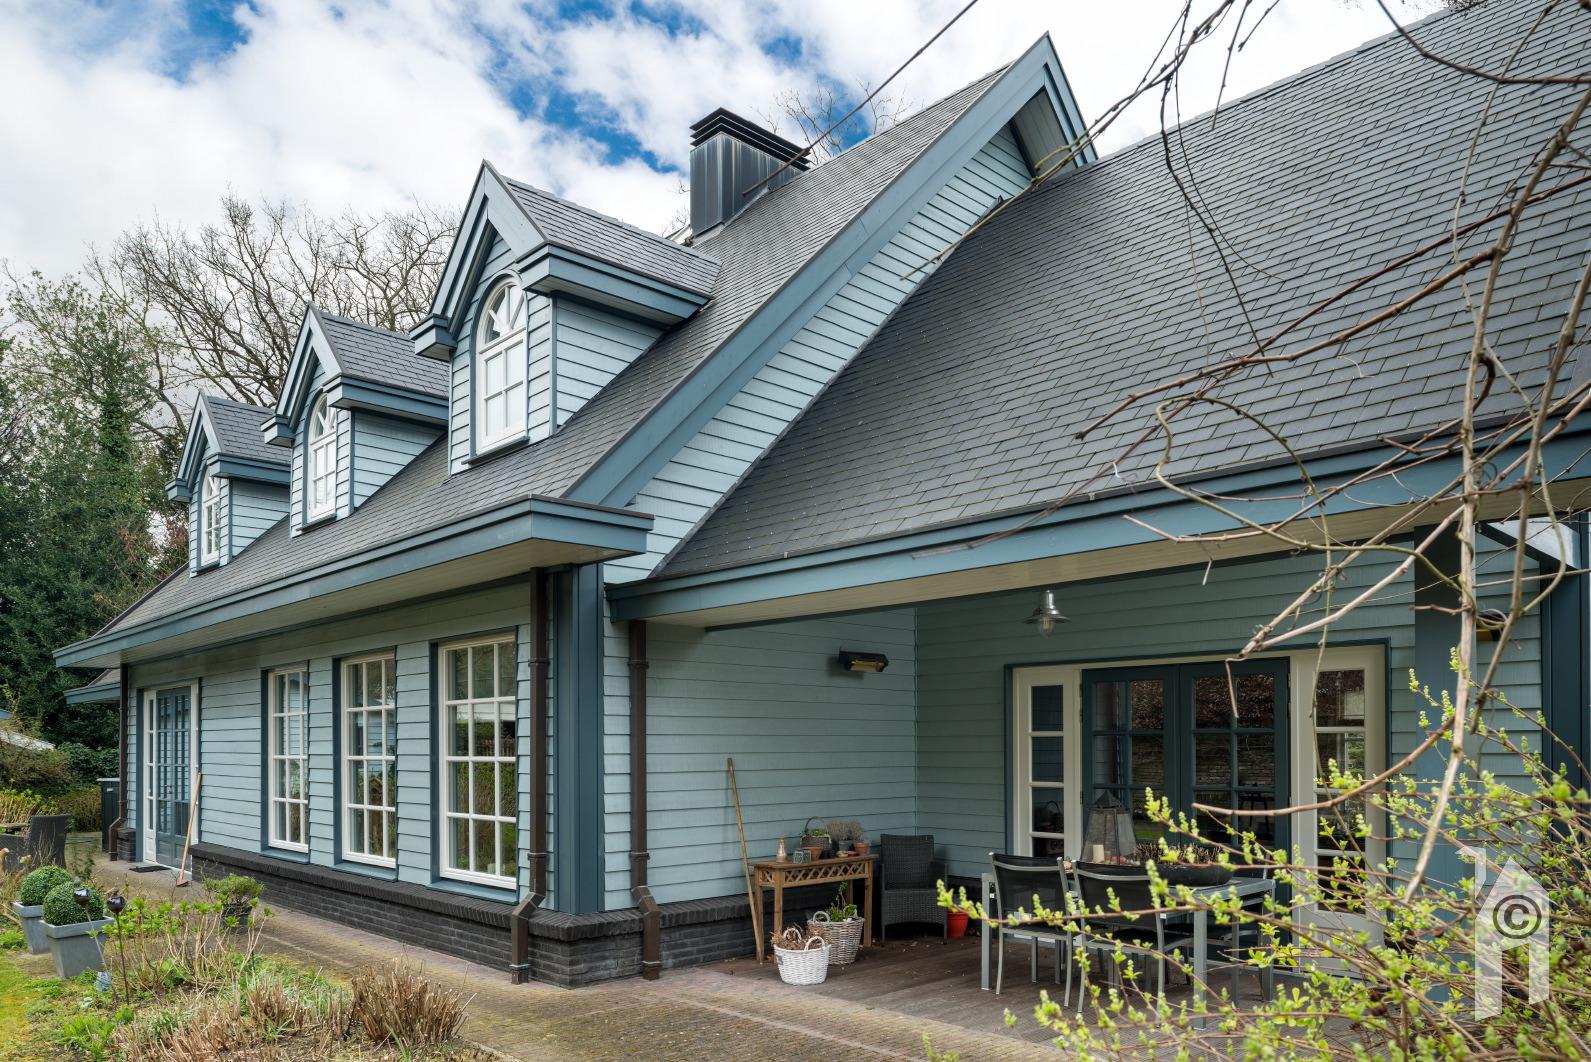 Finnlogs houtbouw goede architect of aannemer for Houten huis laten bouwen